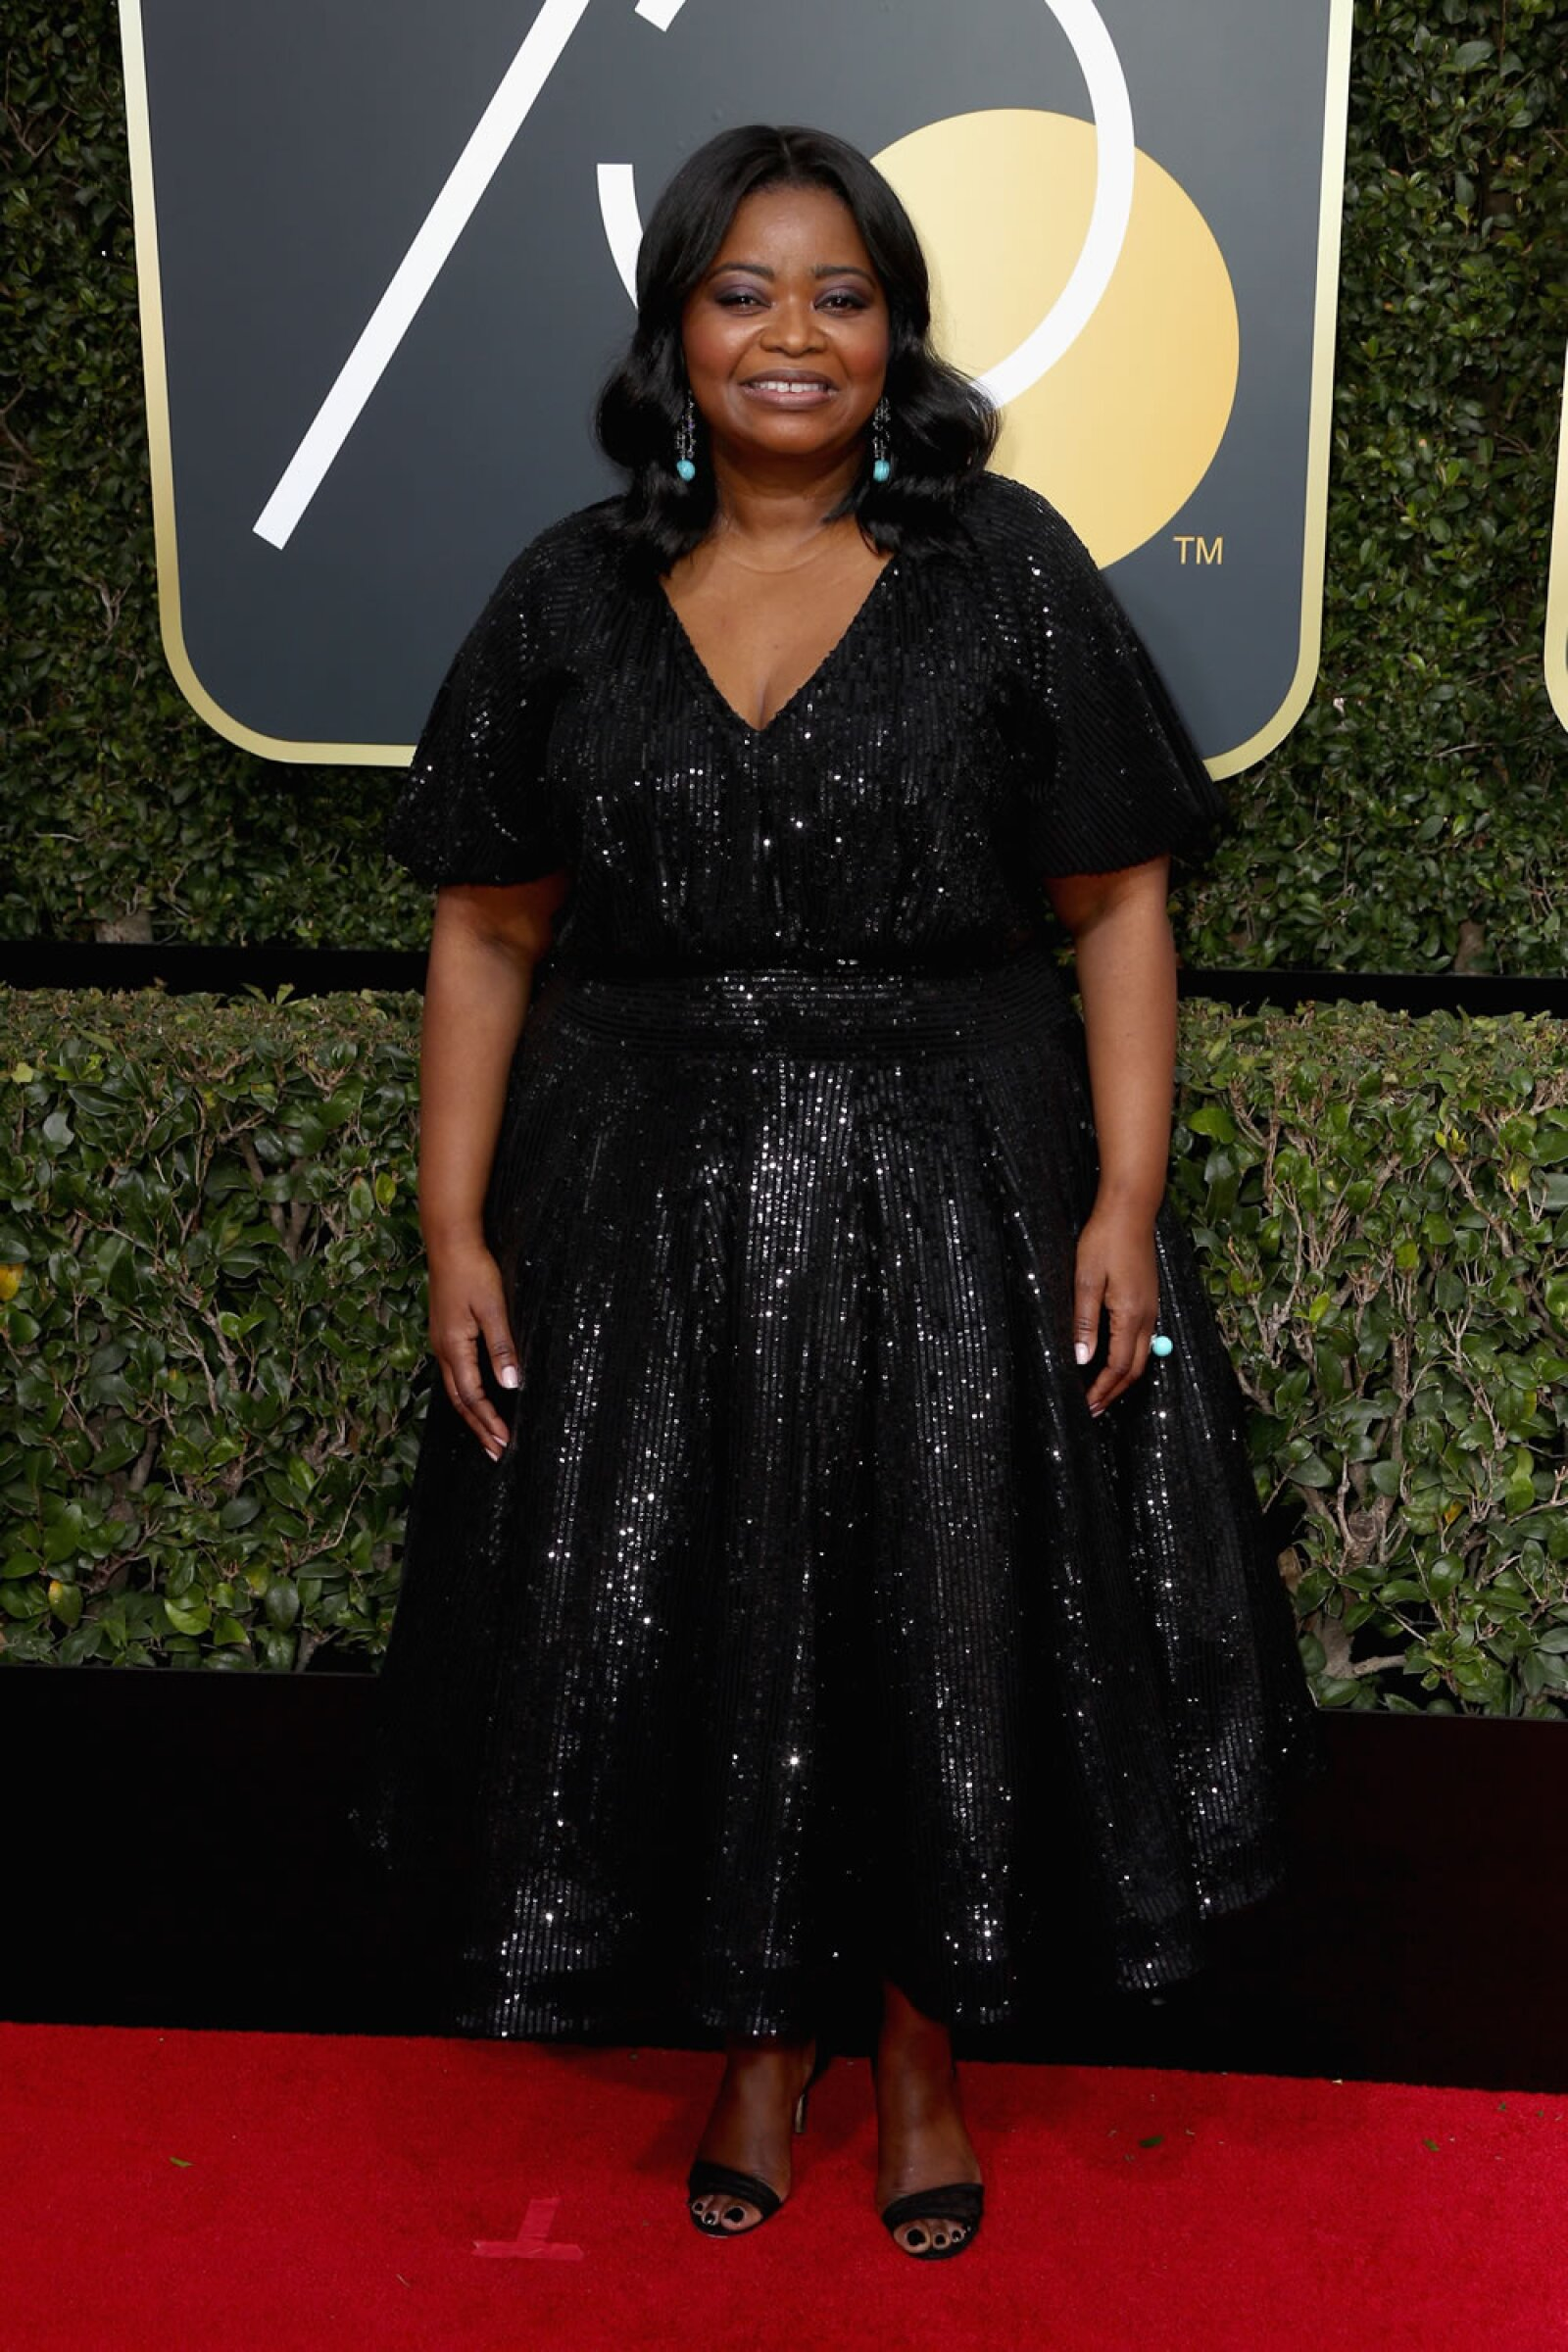 Golden Globes 2018